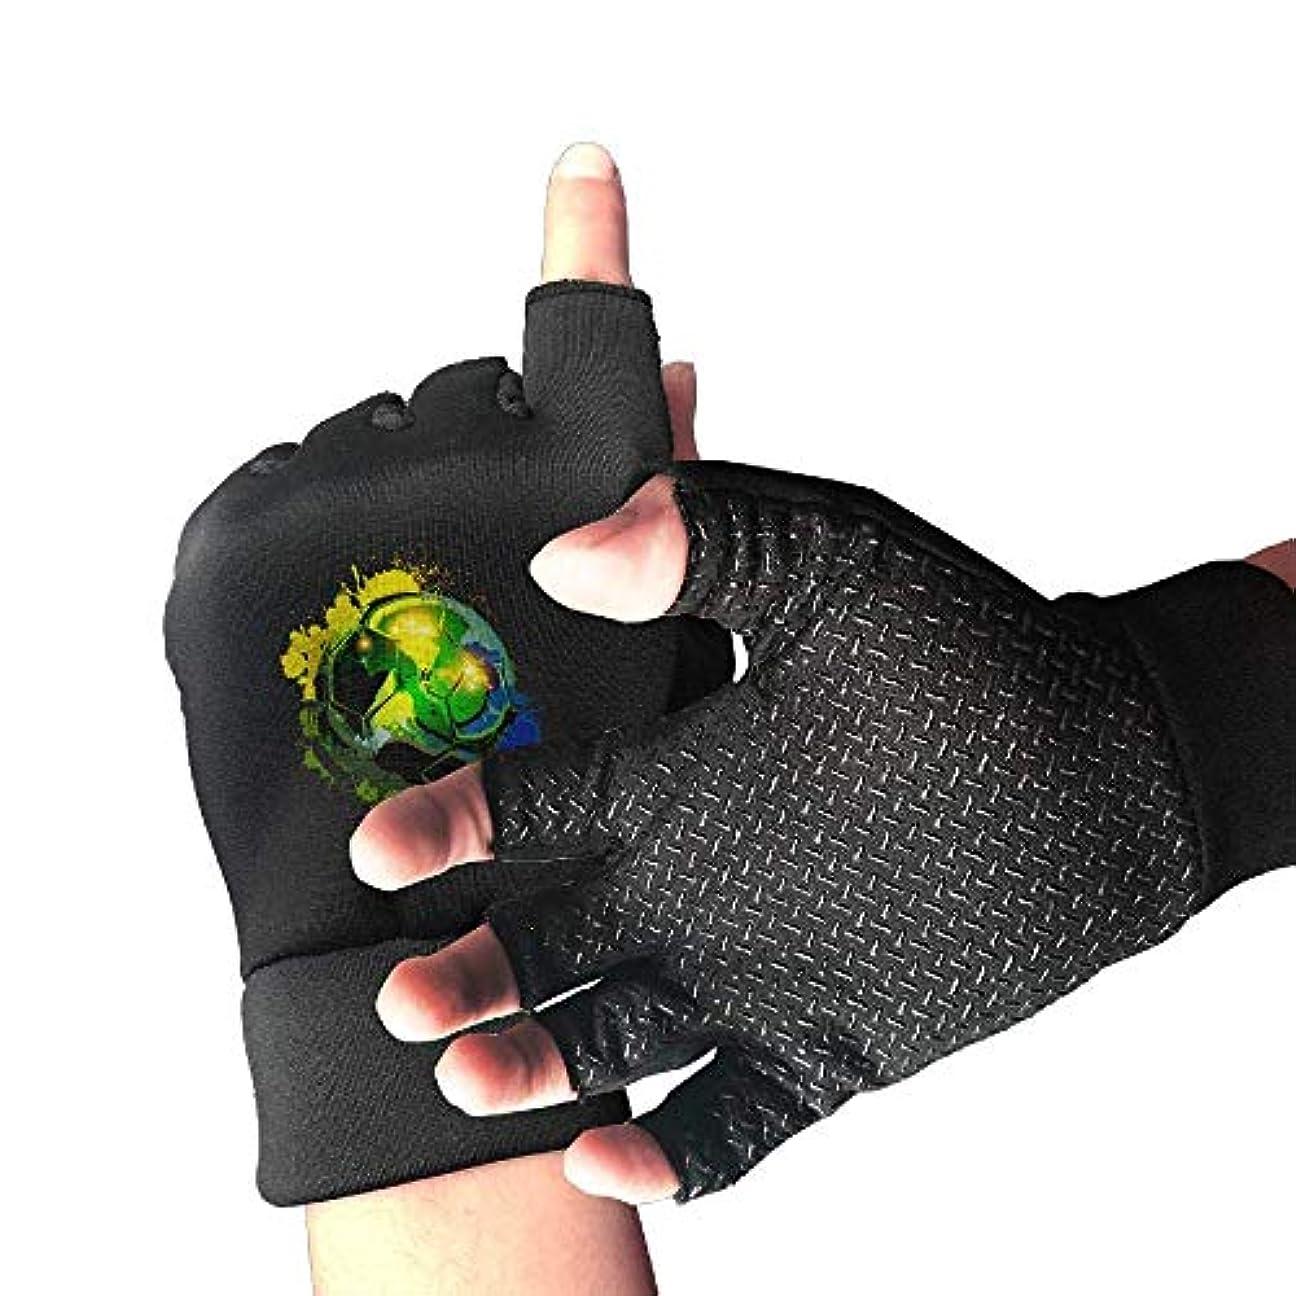 ステーキ調和膿瘍Cycling Gloves Green Football Men's/Women's Mountain Bike Gloves Half Finger Anti-Slip Motorcycle Gloves